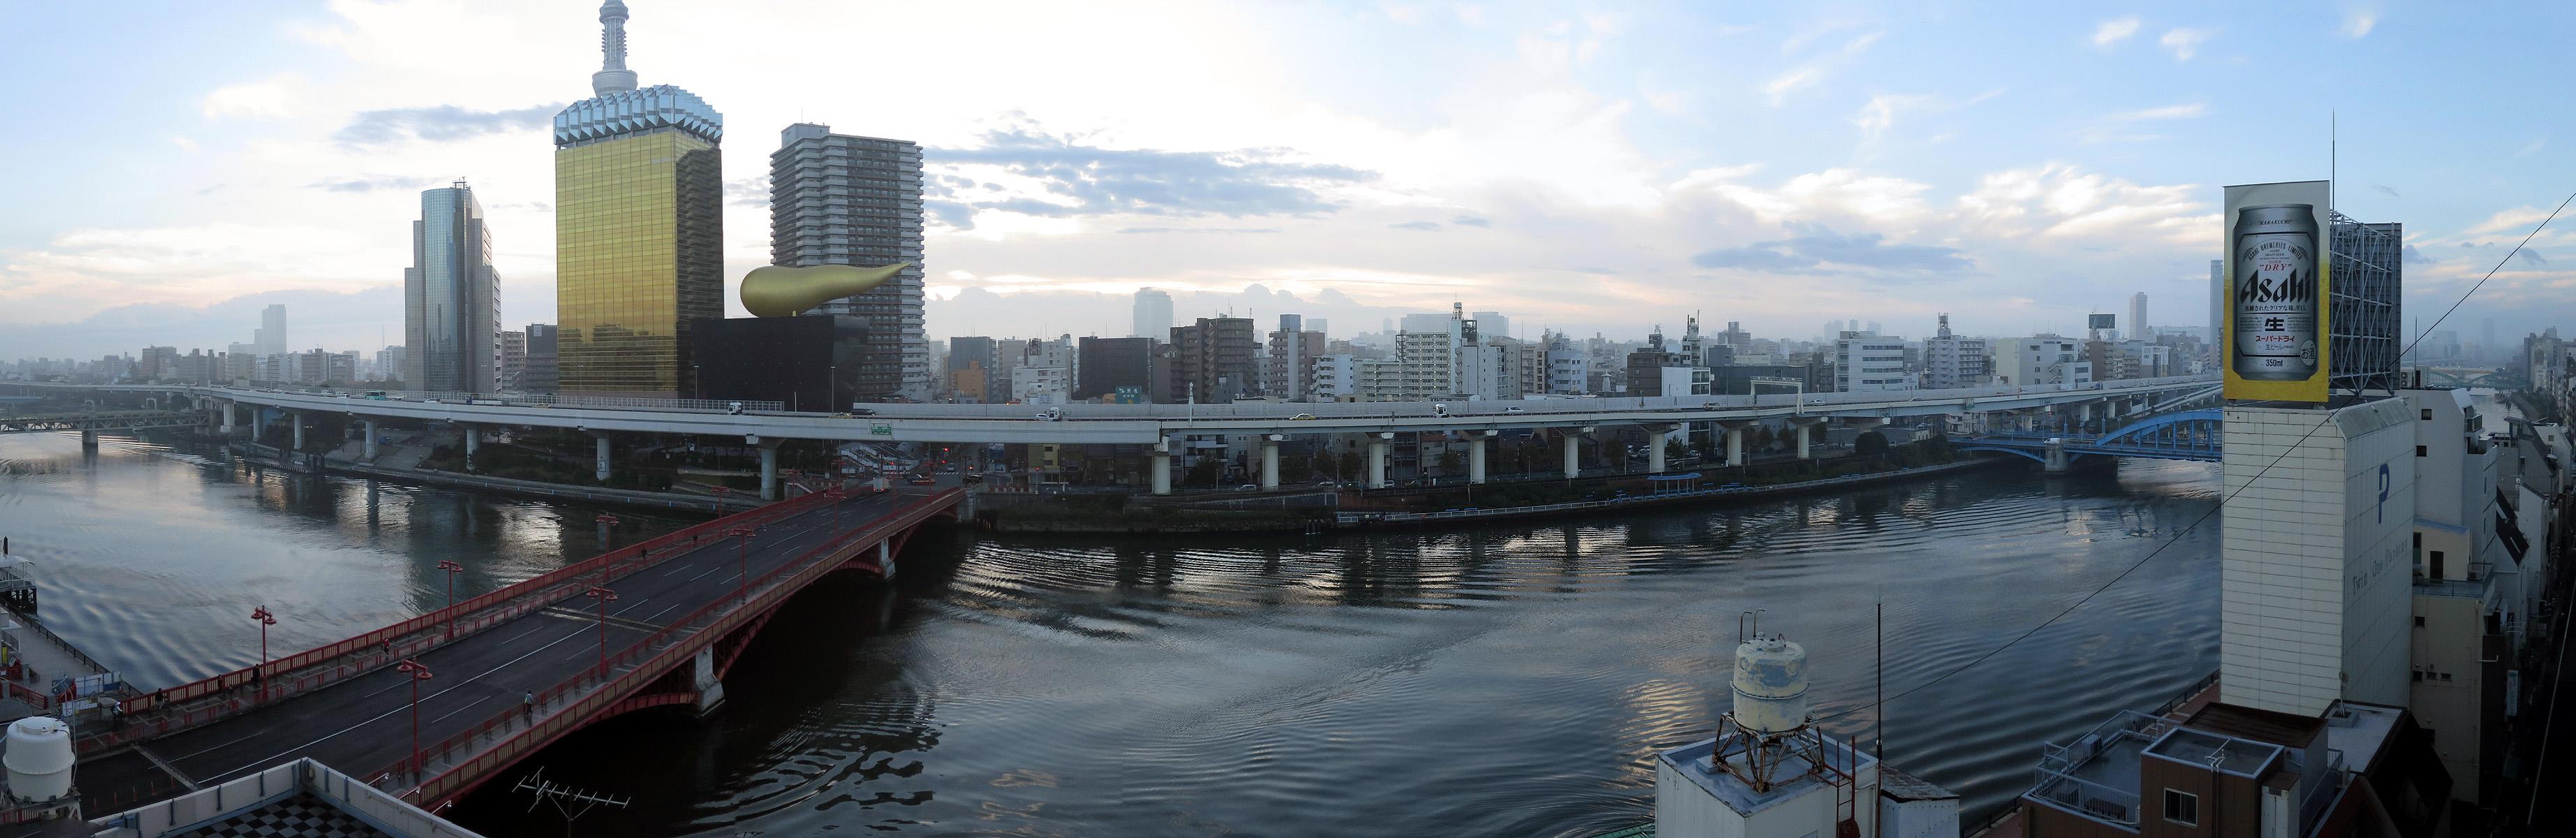 073_1 ホテルニュー魚眠荘の展望風呂からの眺め 台東区雷門2-20-4(2015_1103_063315_stitch)